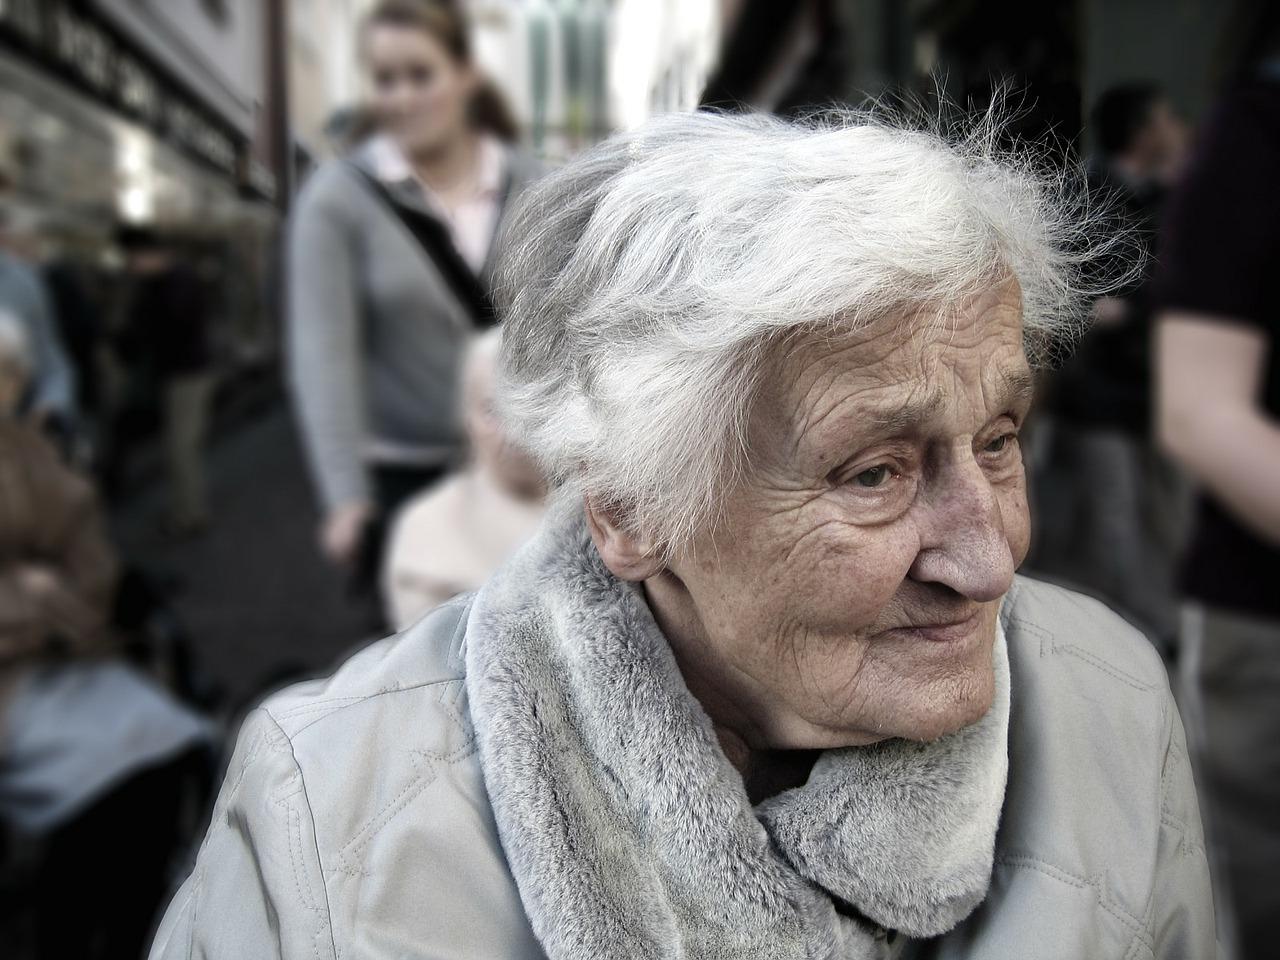 長輩沉默、安靜、難相處?小心患上「老年憂鬱症」 | 橘世代